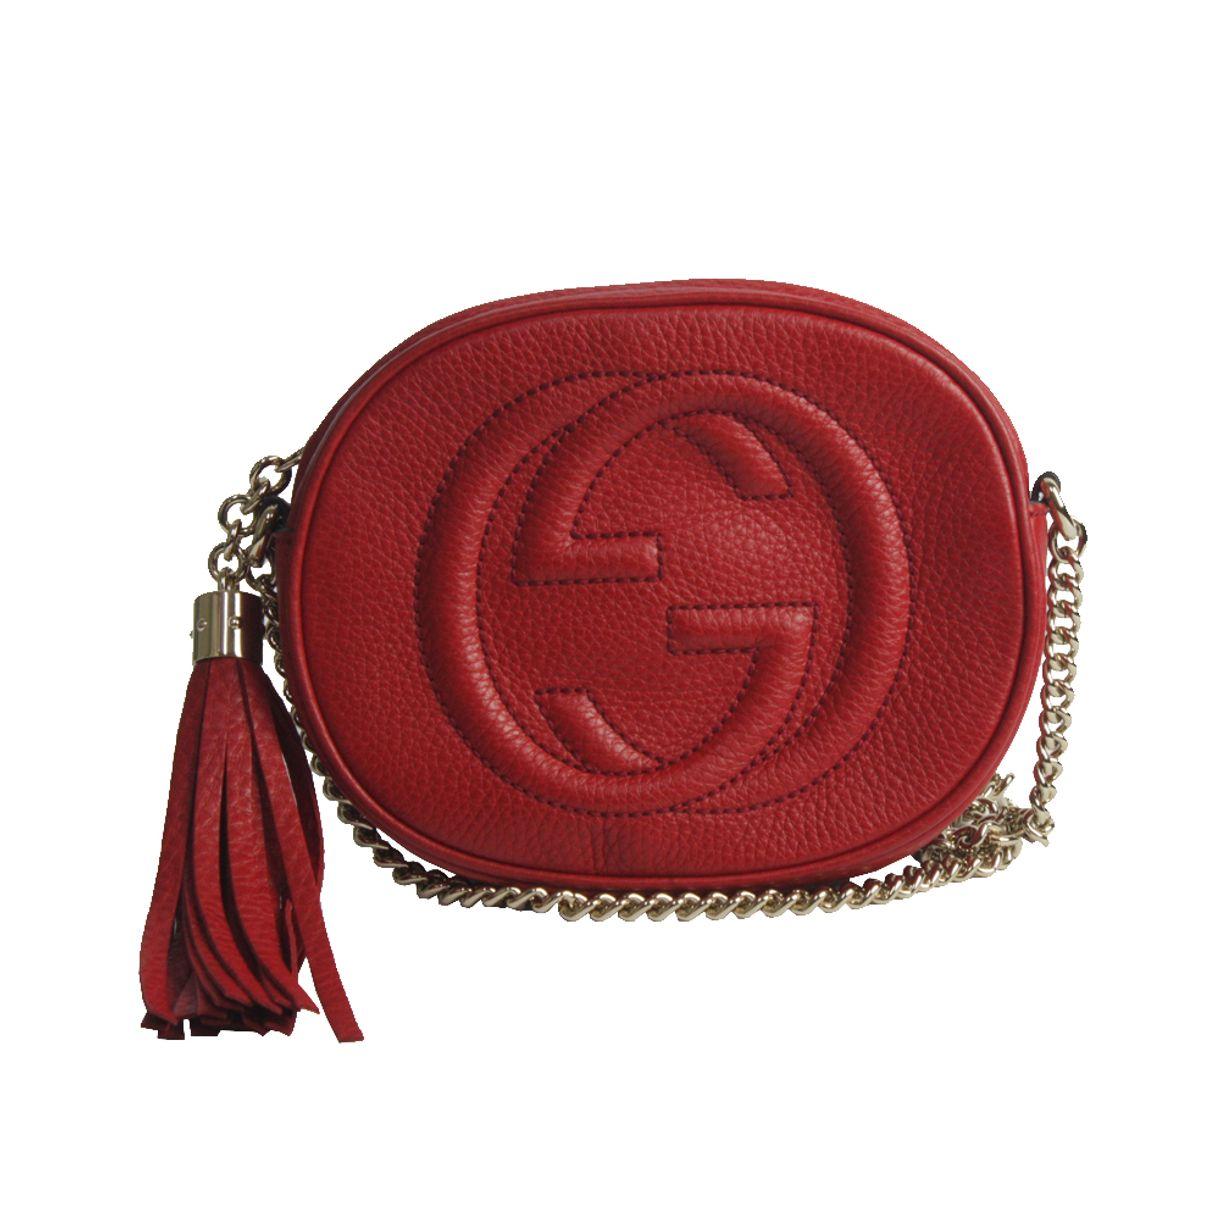 Bolsa-Gucci-Soho-Chain-Crossbody-Vermelha